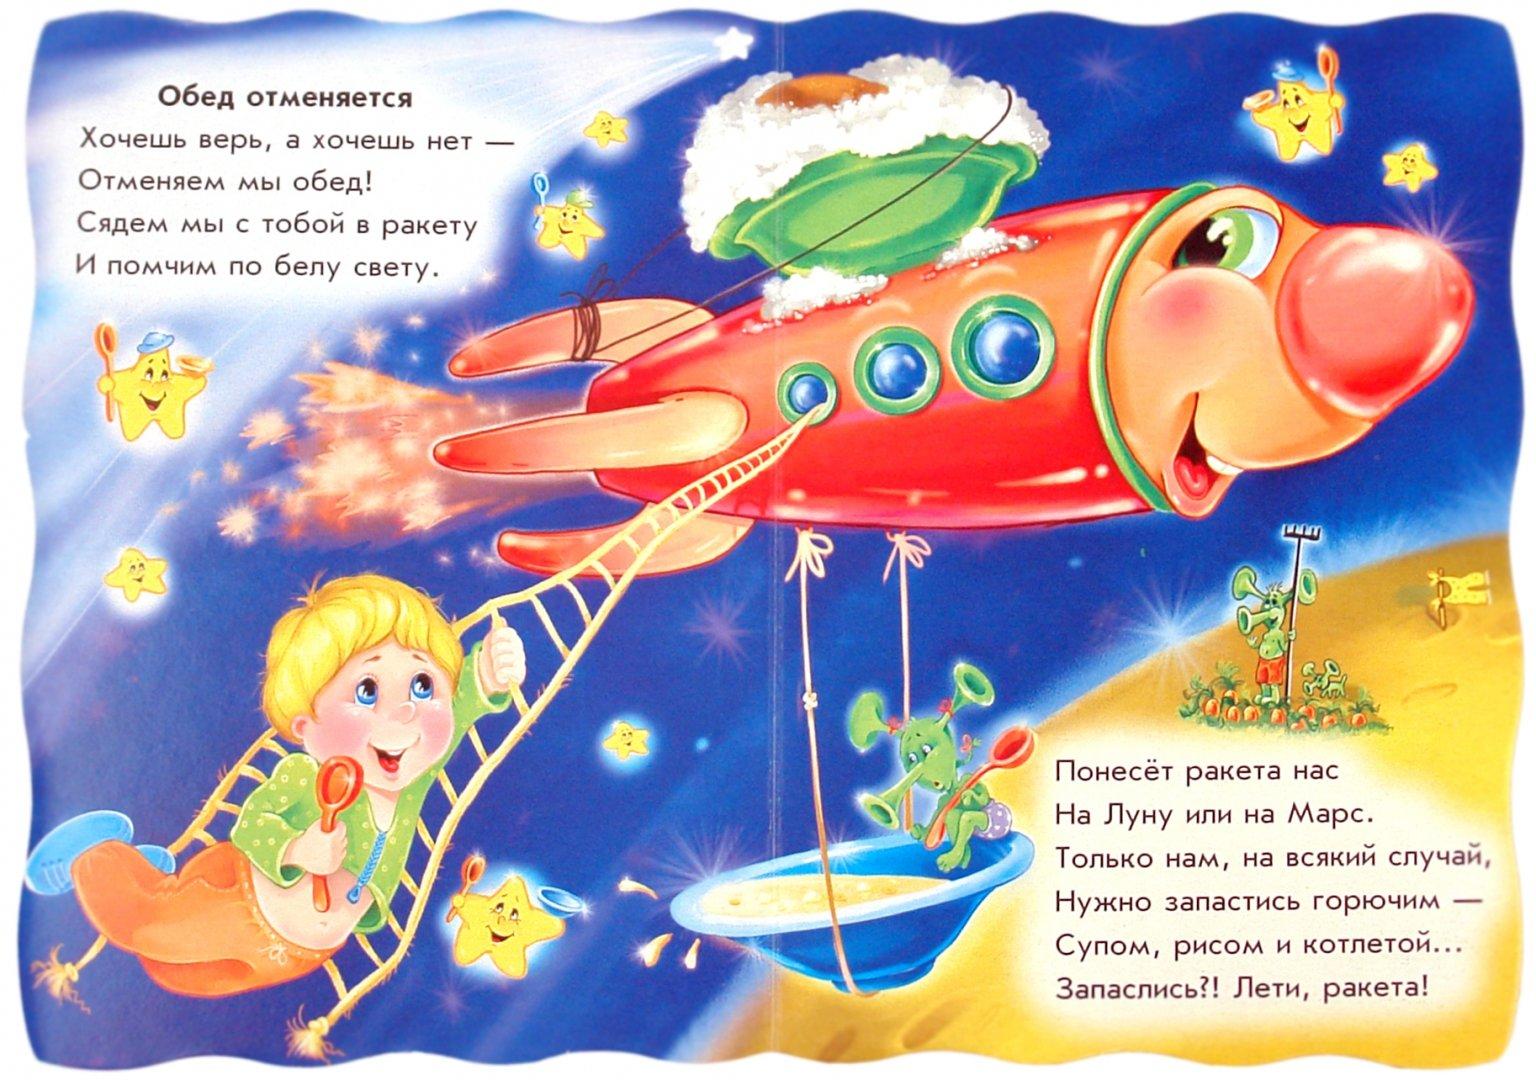 Иллюстрация 1 из 9 для Ням-нямушка - Ирина Солнышко   Лабиринт - книги. Источник: Лабиринт